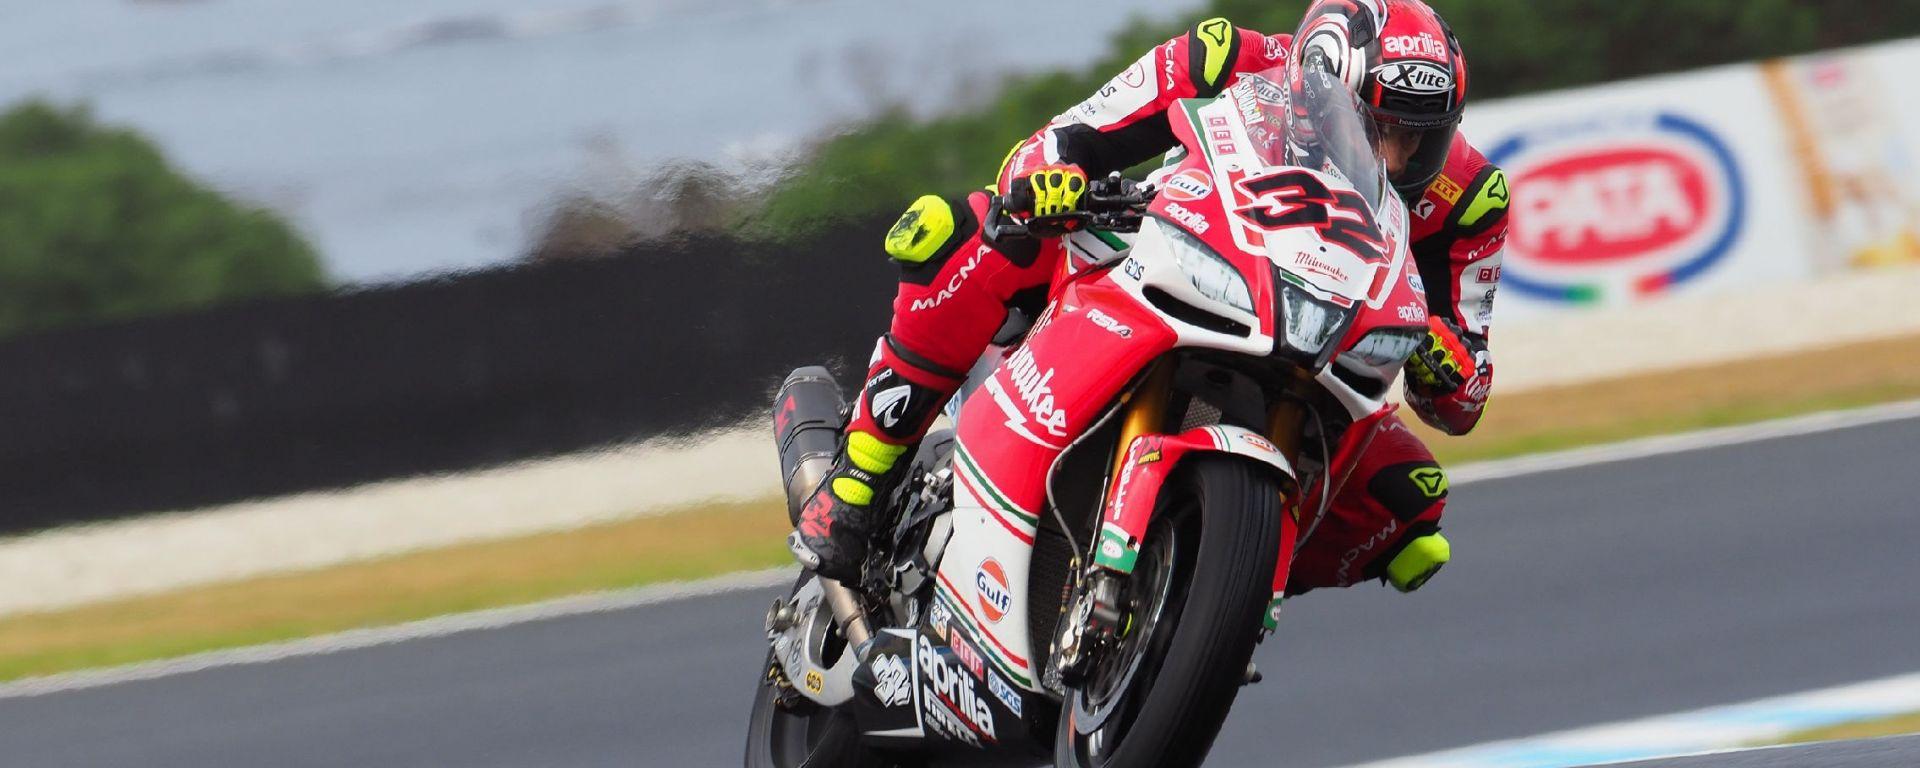 SBK Australia 2018: Lorenzo savadori il più veloce del venerdì